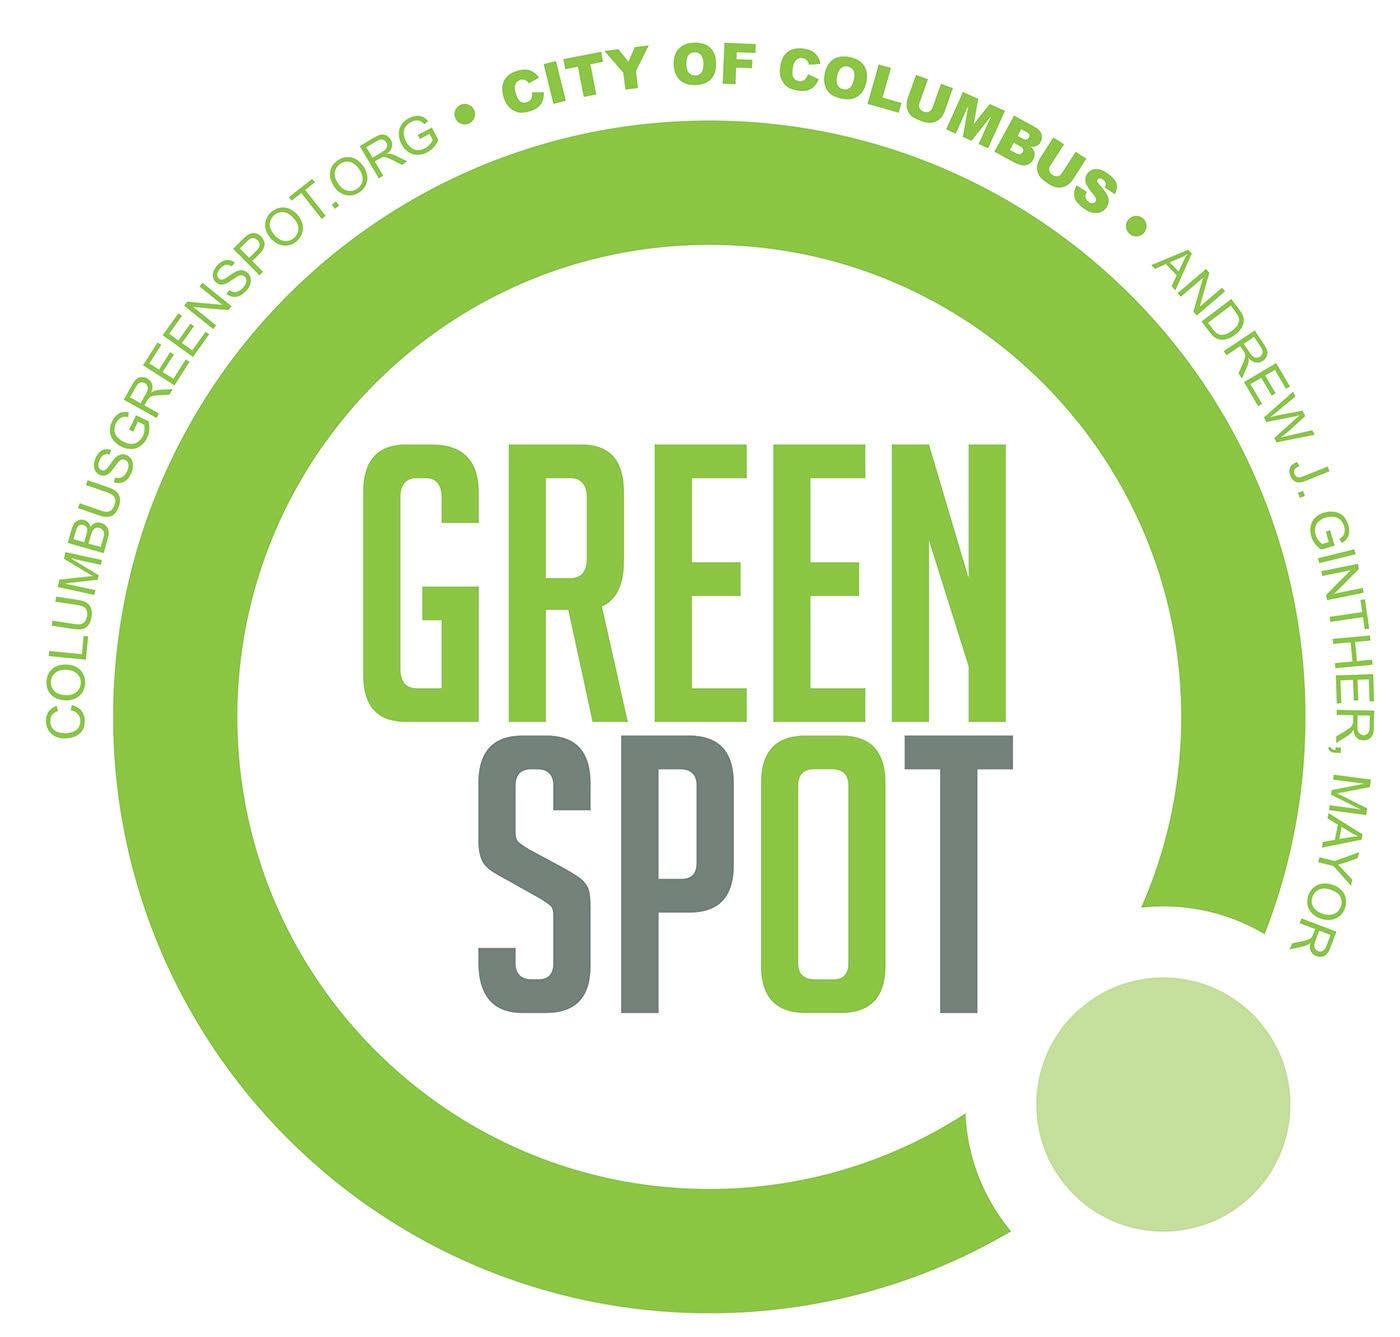 green spot.jpg